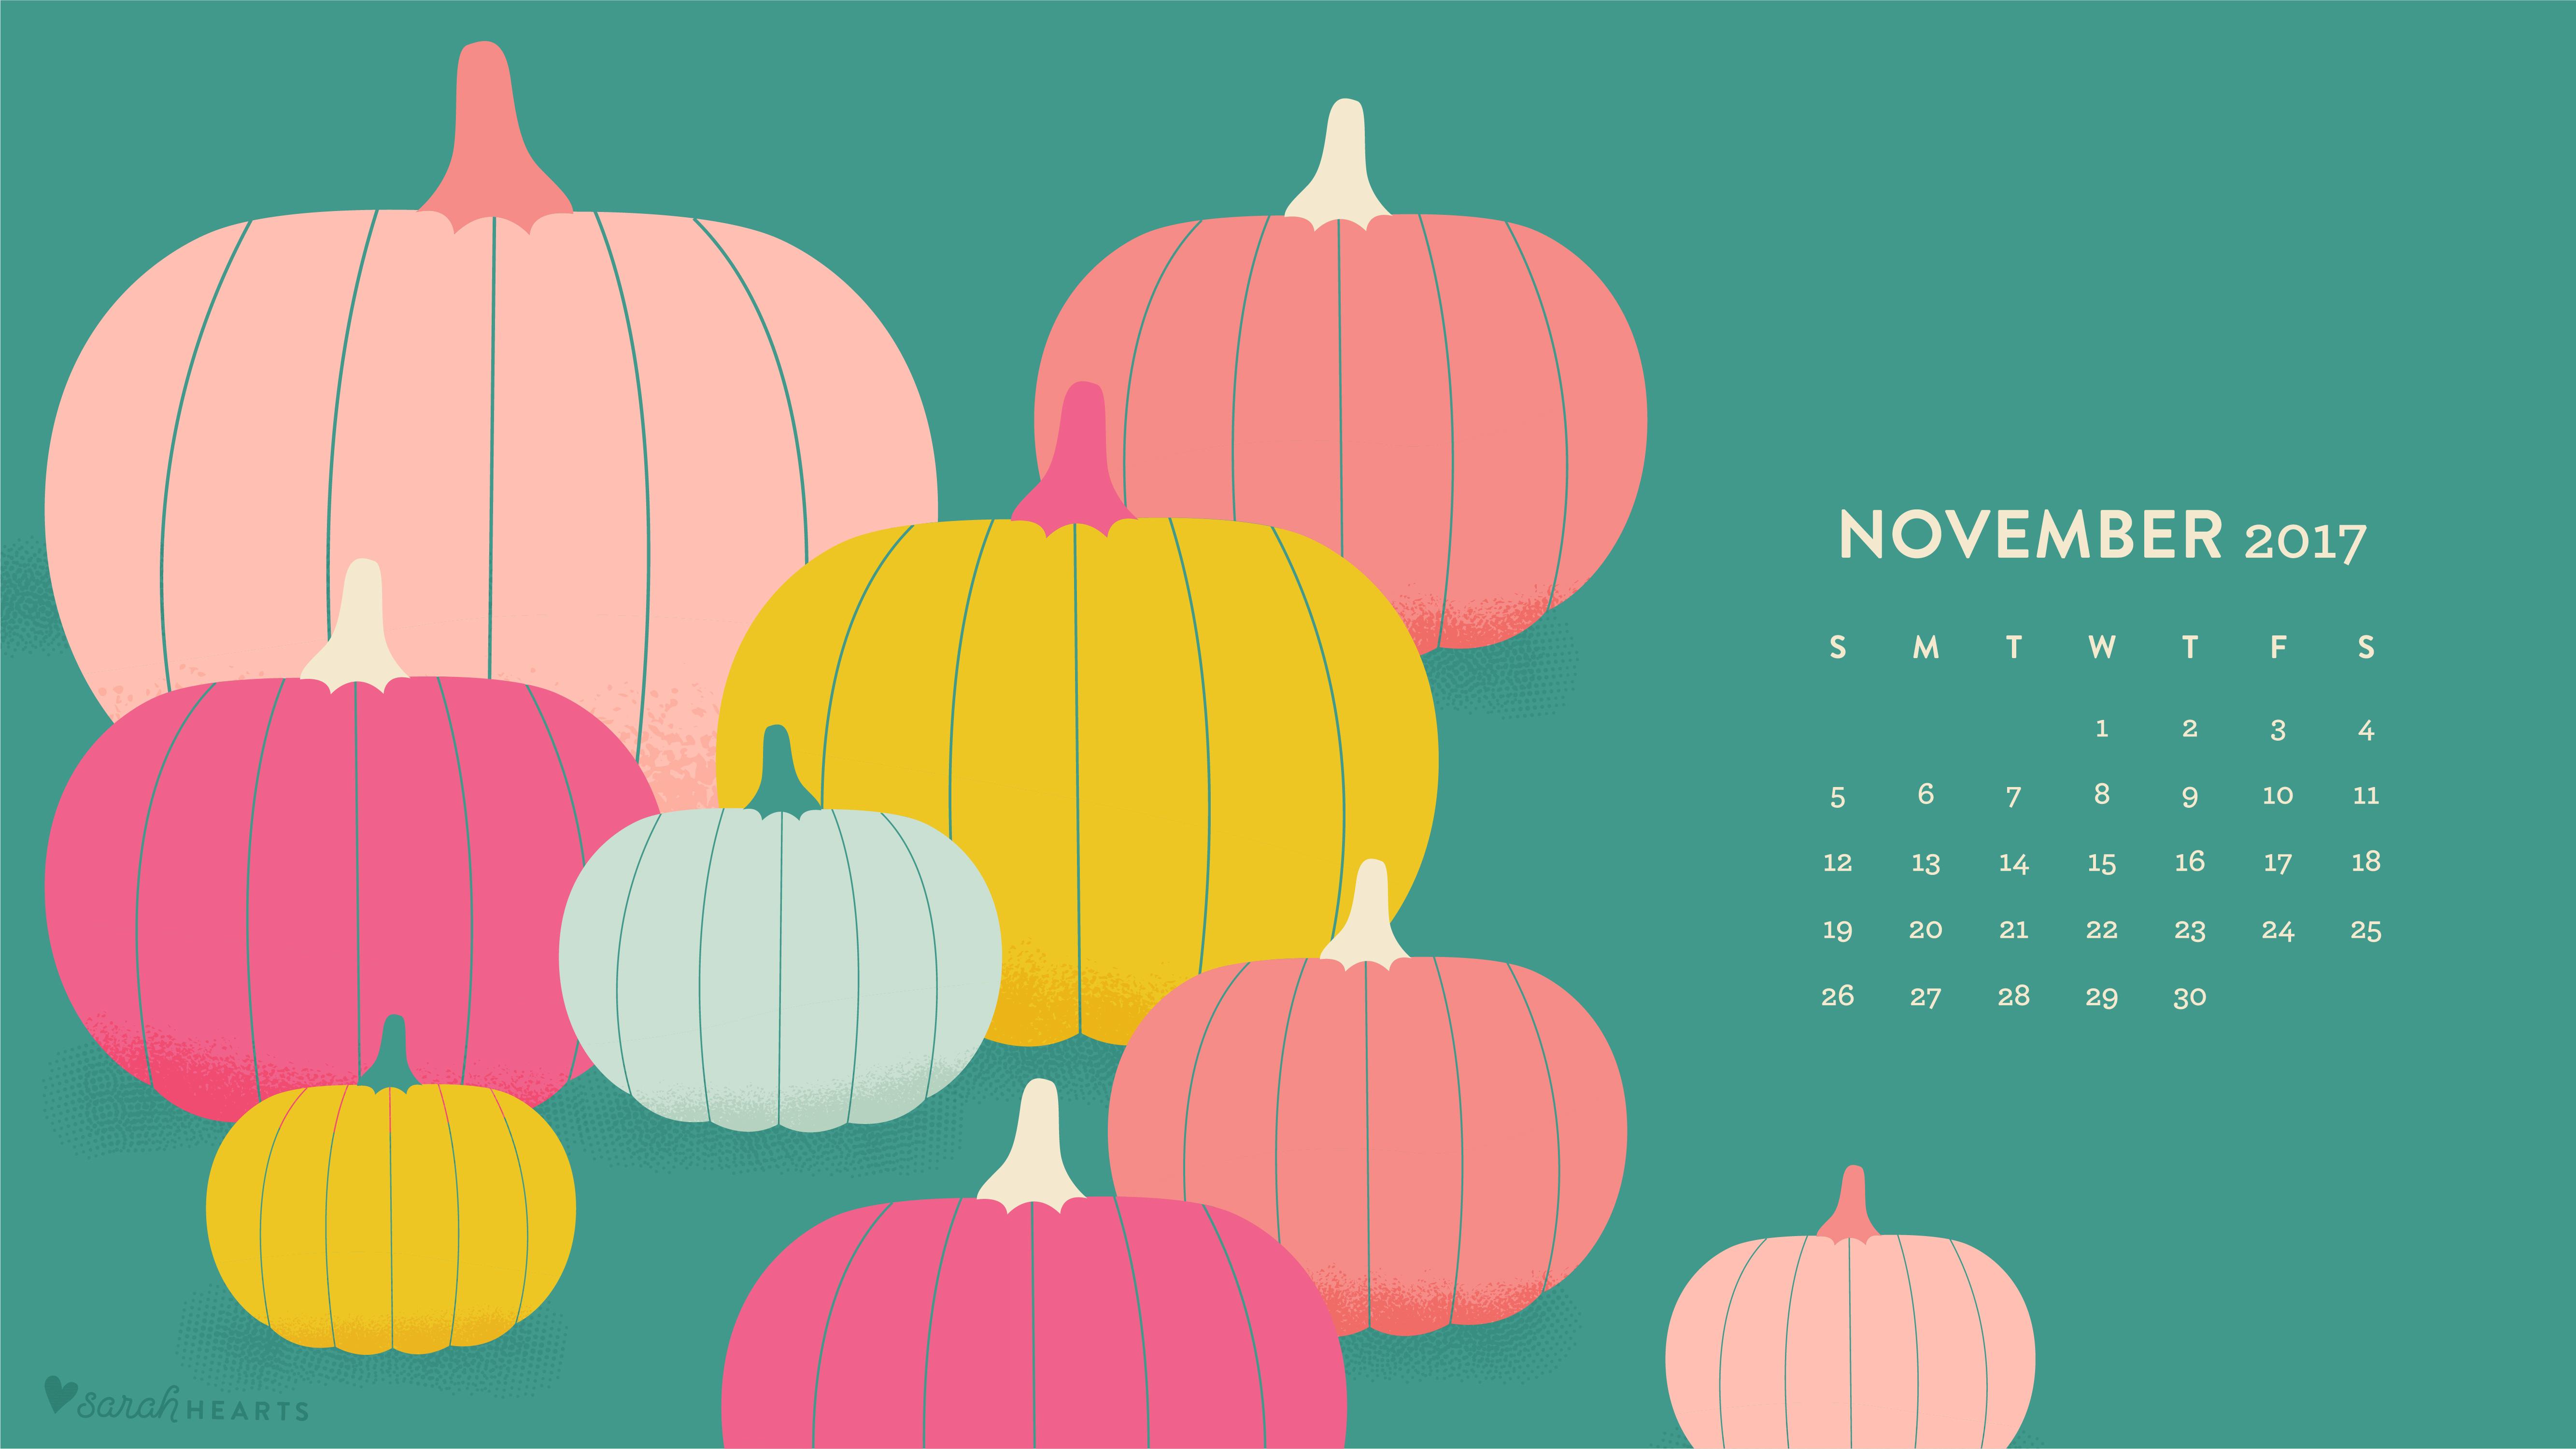 Nove Ber Fall Wallpaper For Computer November 2017 Pumpkin Calendar Wallpaper Sarah Hearts